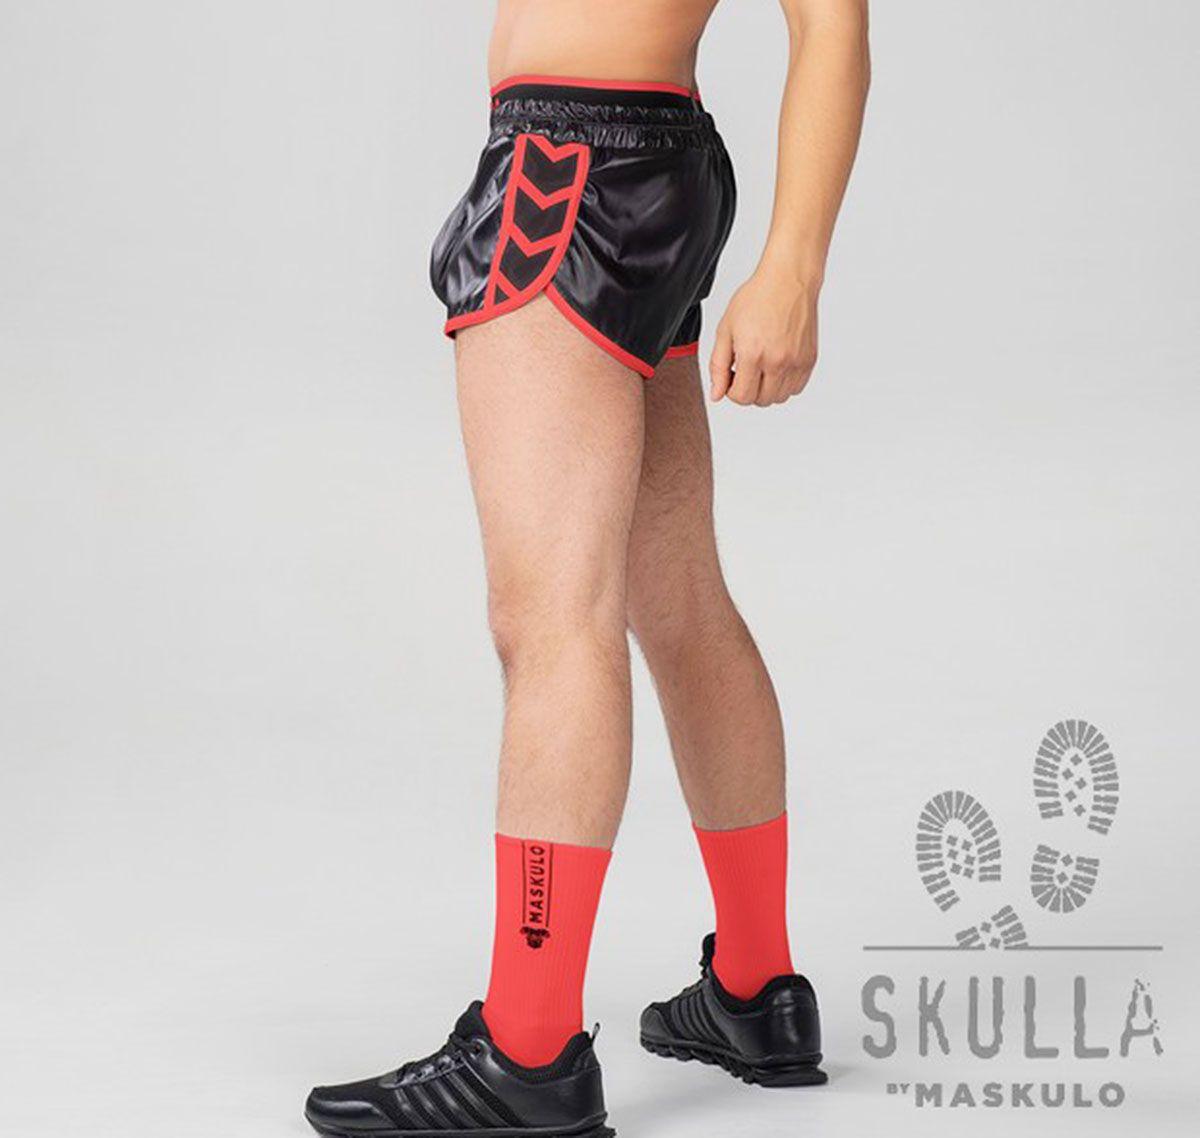 MASKULO Fetish Shorts SKULLA. SH071-10, red